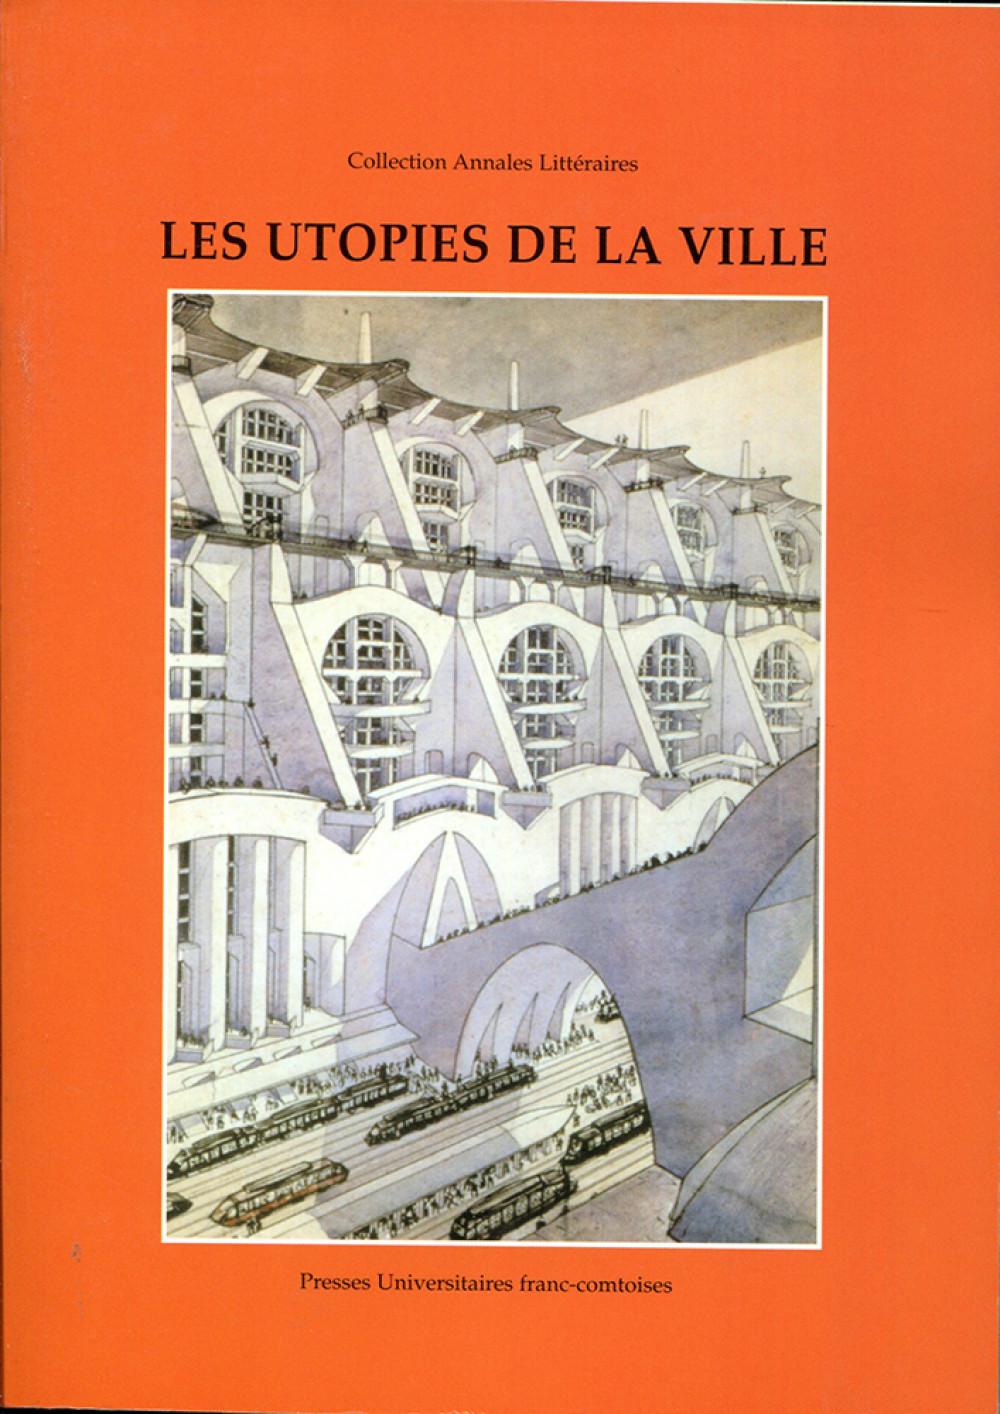 Les utopies de la ville